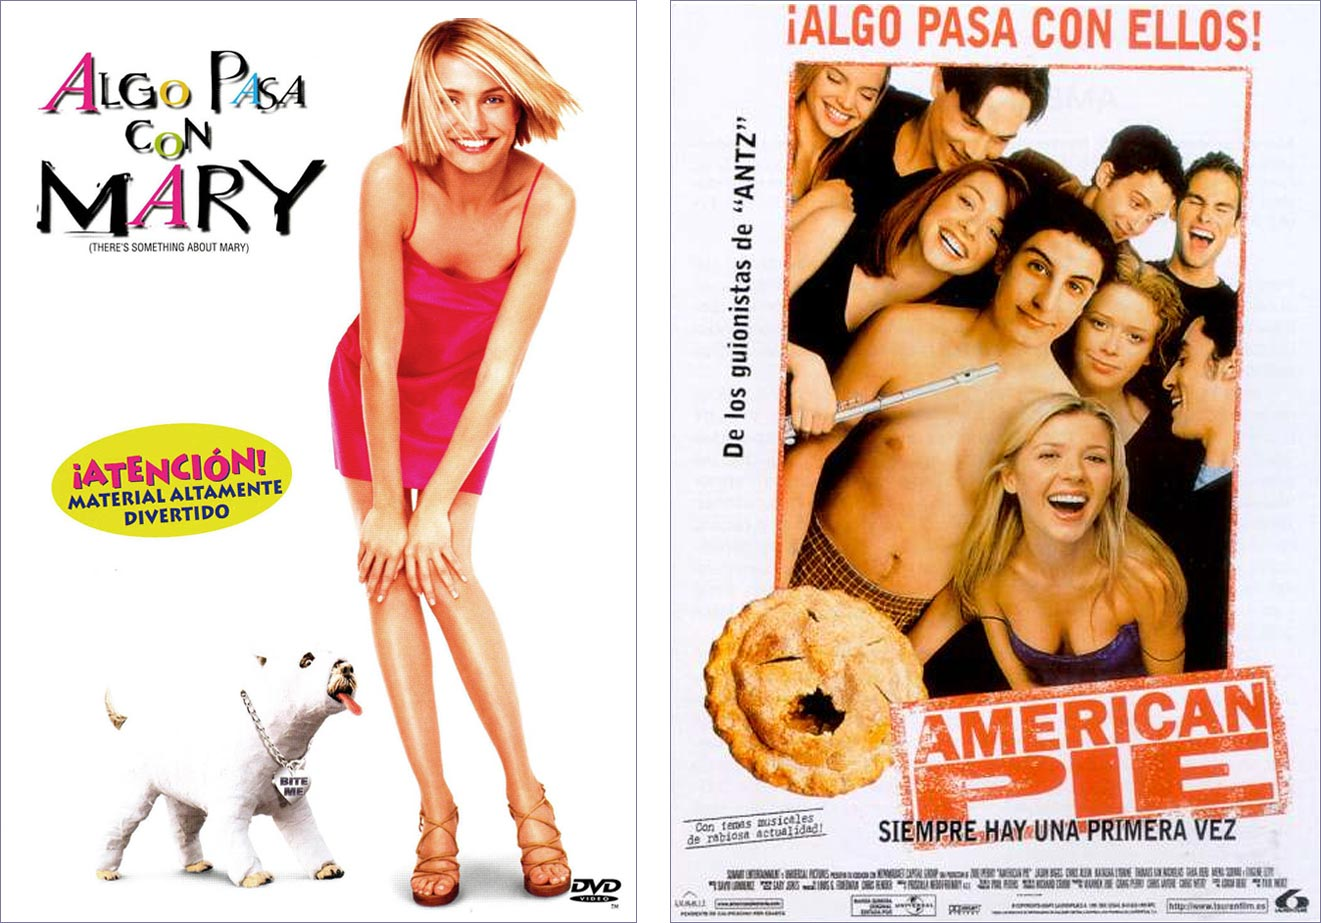 Carteles de 'Algo pasa con Mary' y 'American pie'. | Imágenes: Universal y 20th Century Fox.